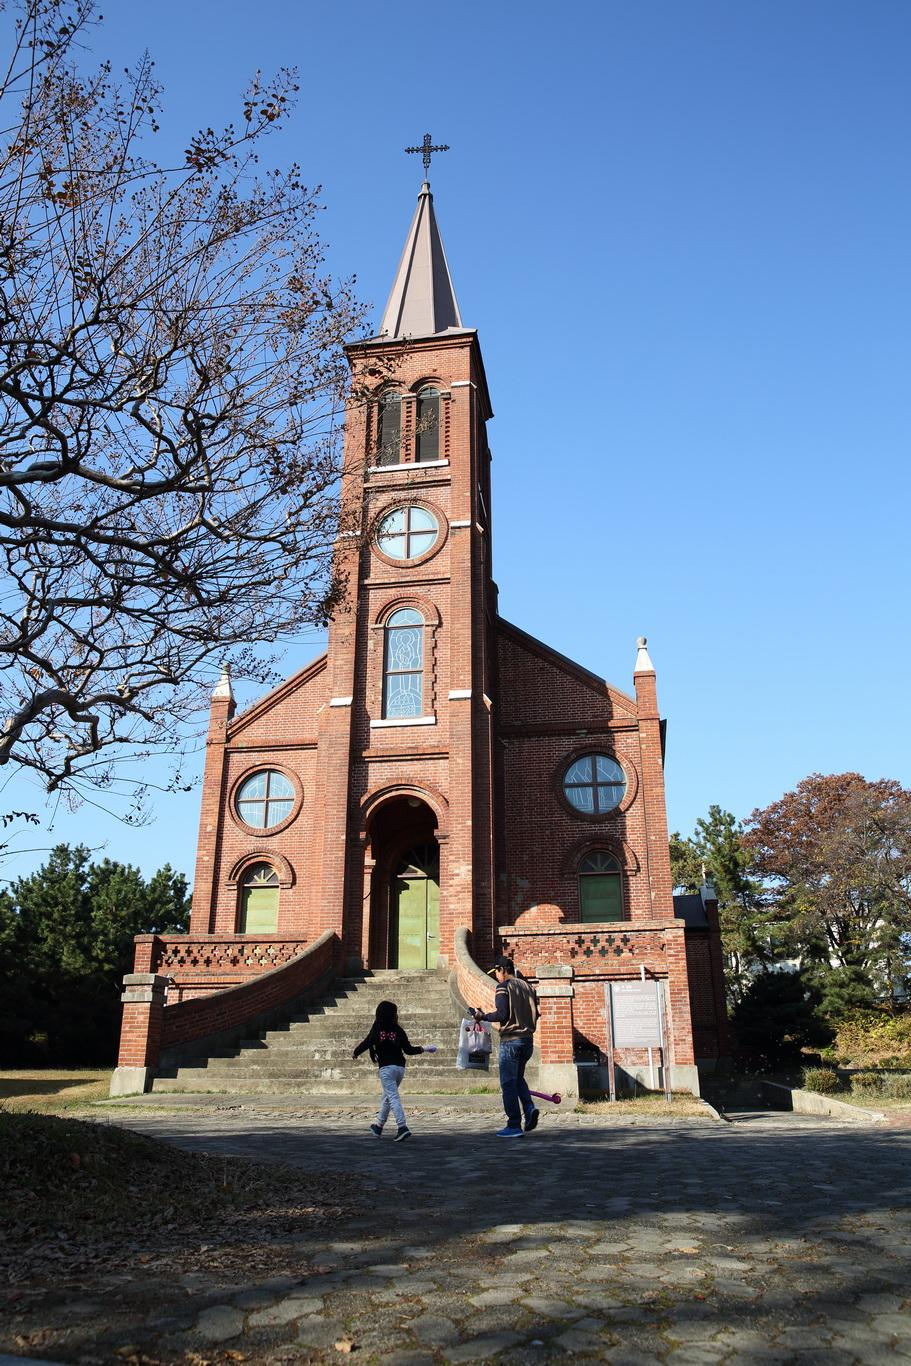 2019-11-09 성모당, 계산성당, 베네딕도 수도원 (49)_크기변경.JPG